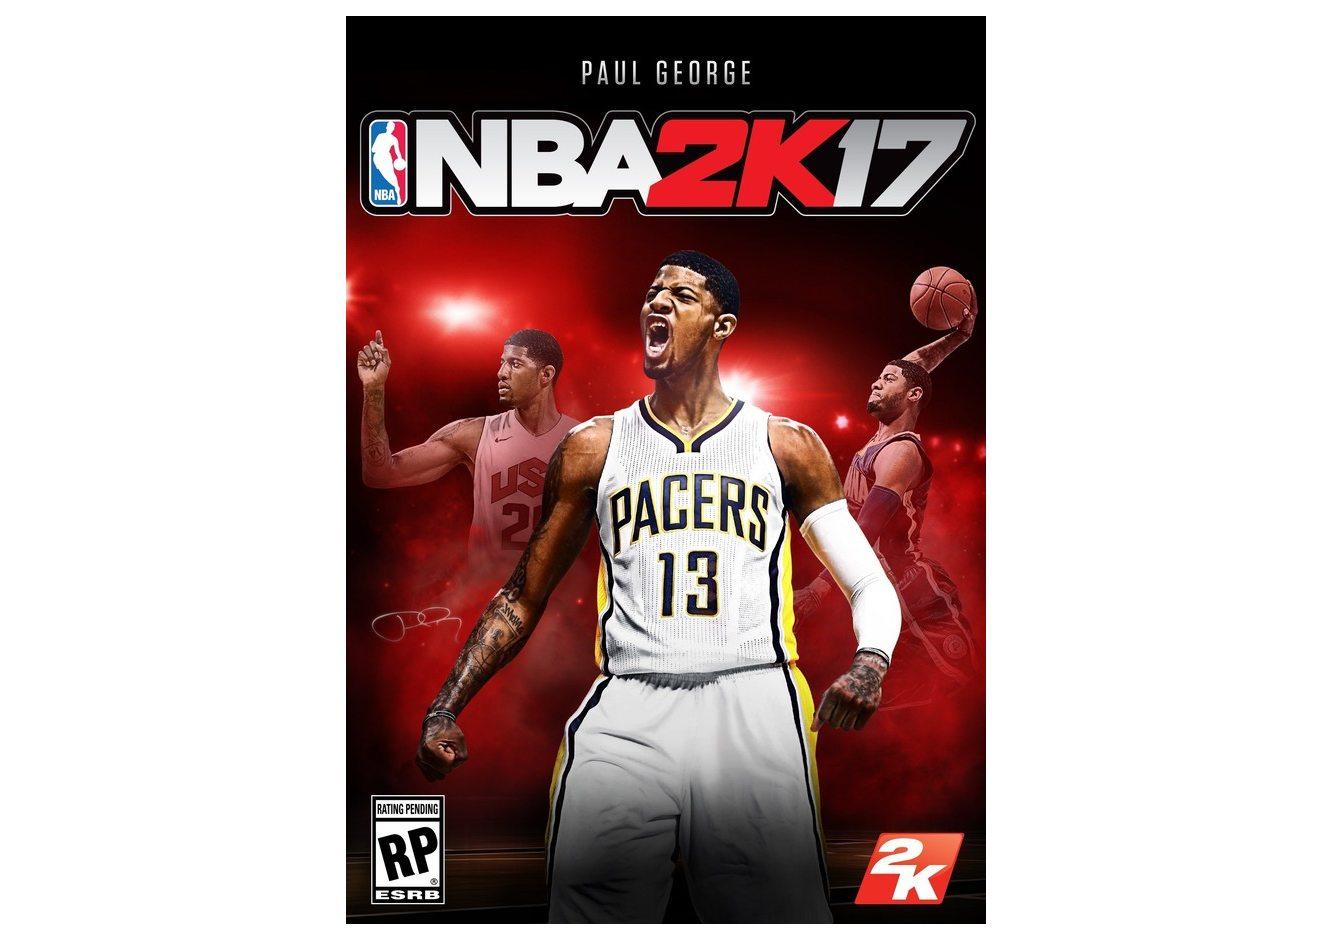 PS3 NBA 2K17 PS3